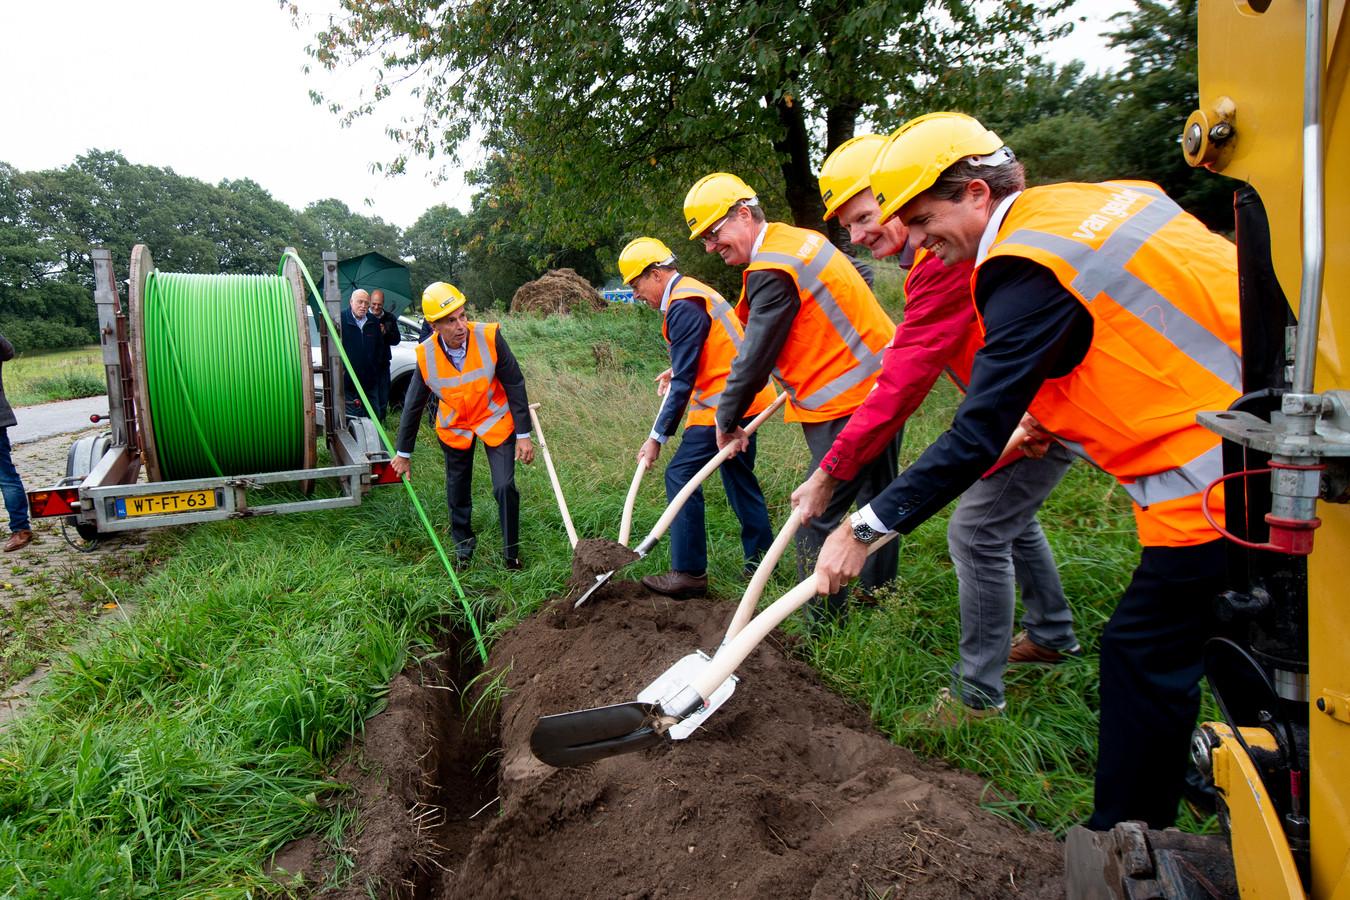 Wethouders van drie gemeenten (Admiraal, Willems en Steinweg) hielpen mee met het graven van 'de eerste sleuf' voor glasvezel in het buitengebied bij Klarenbeek.